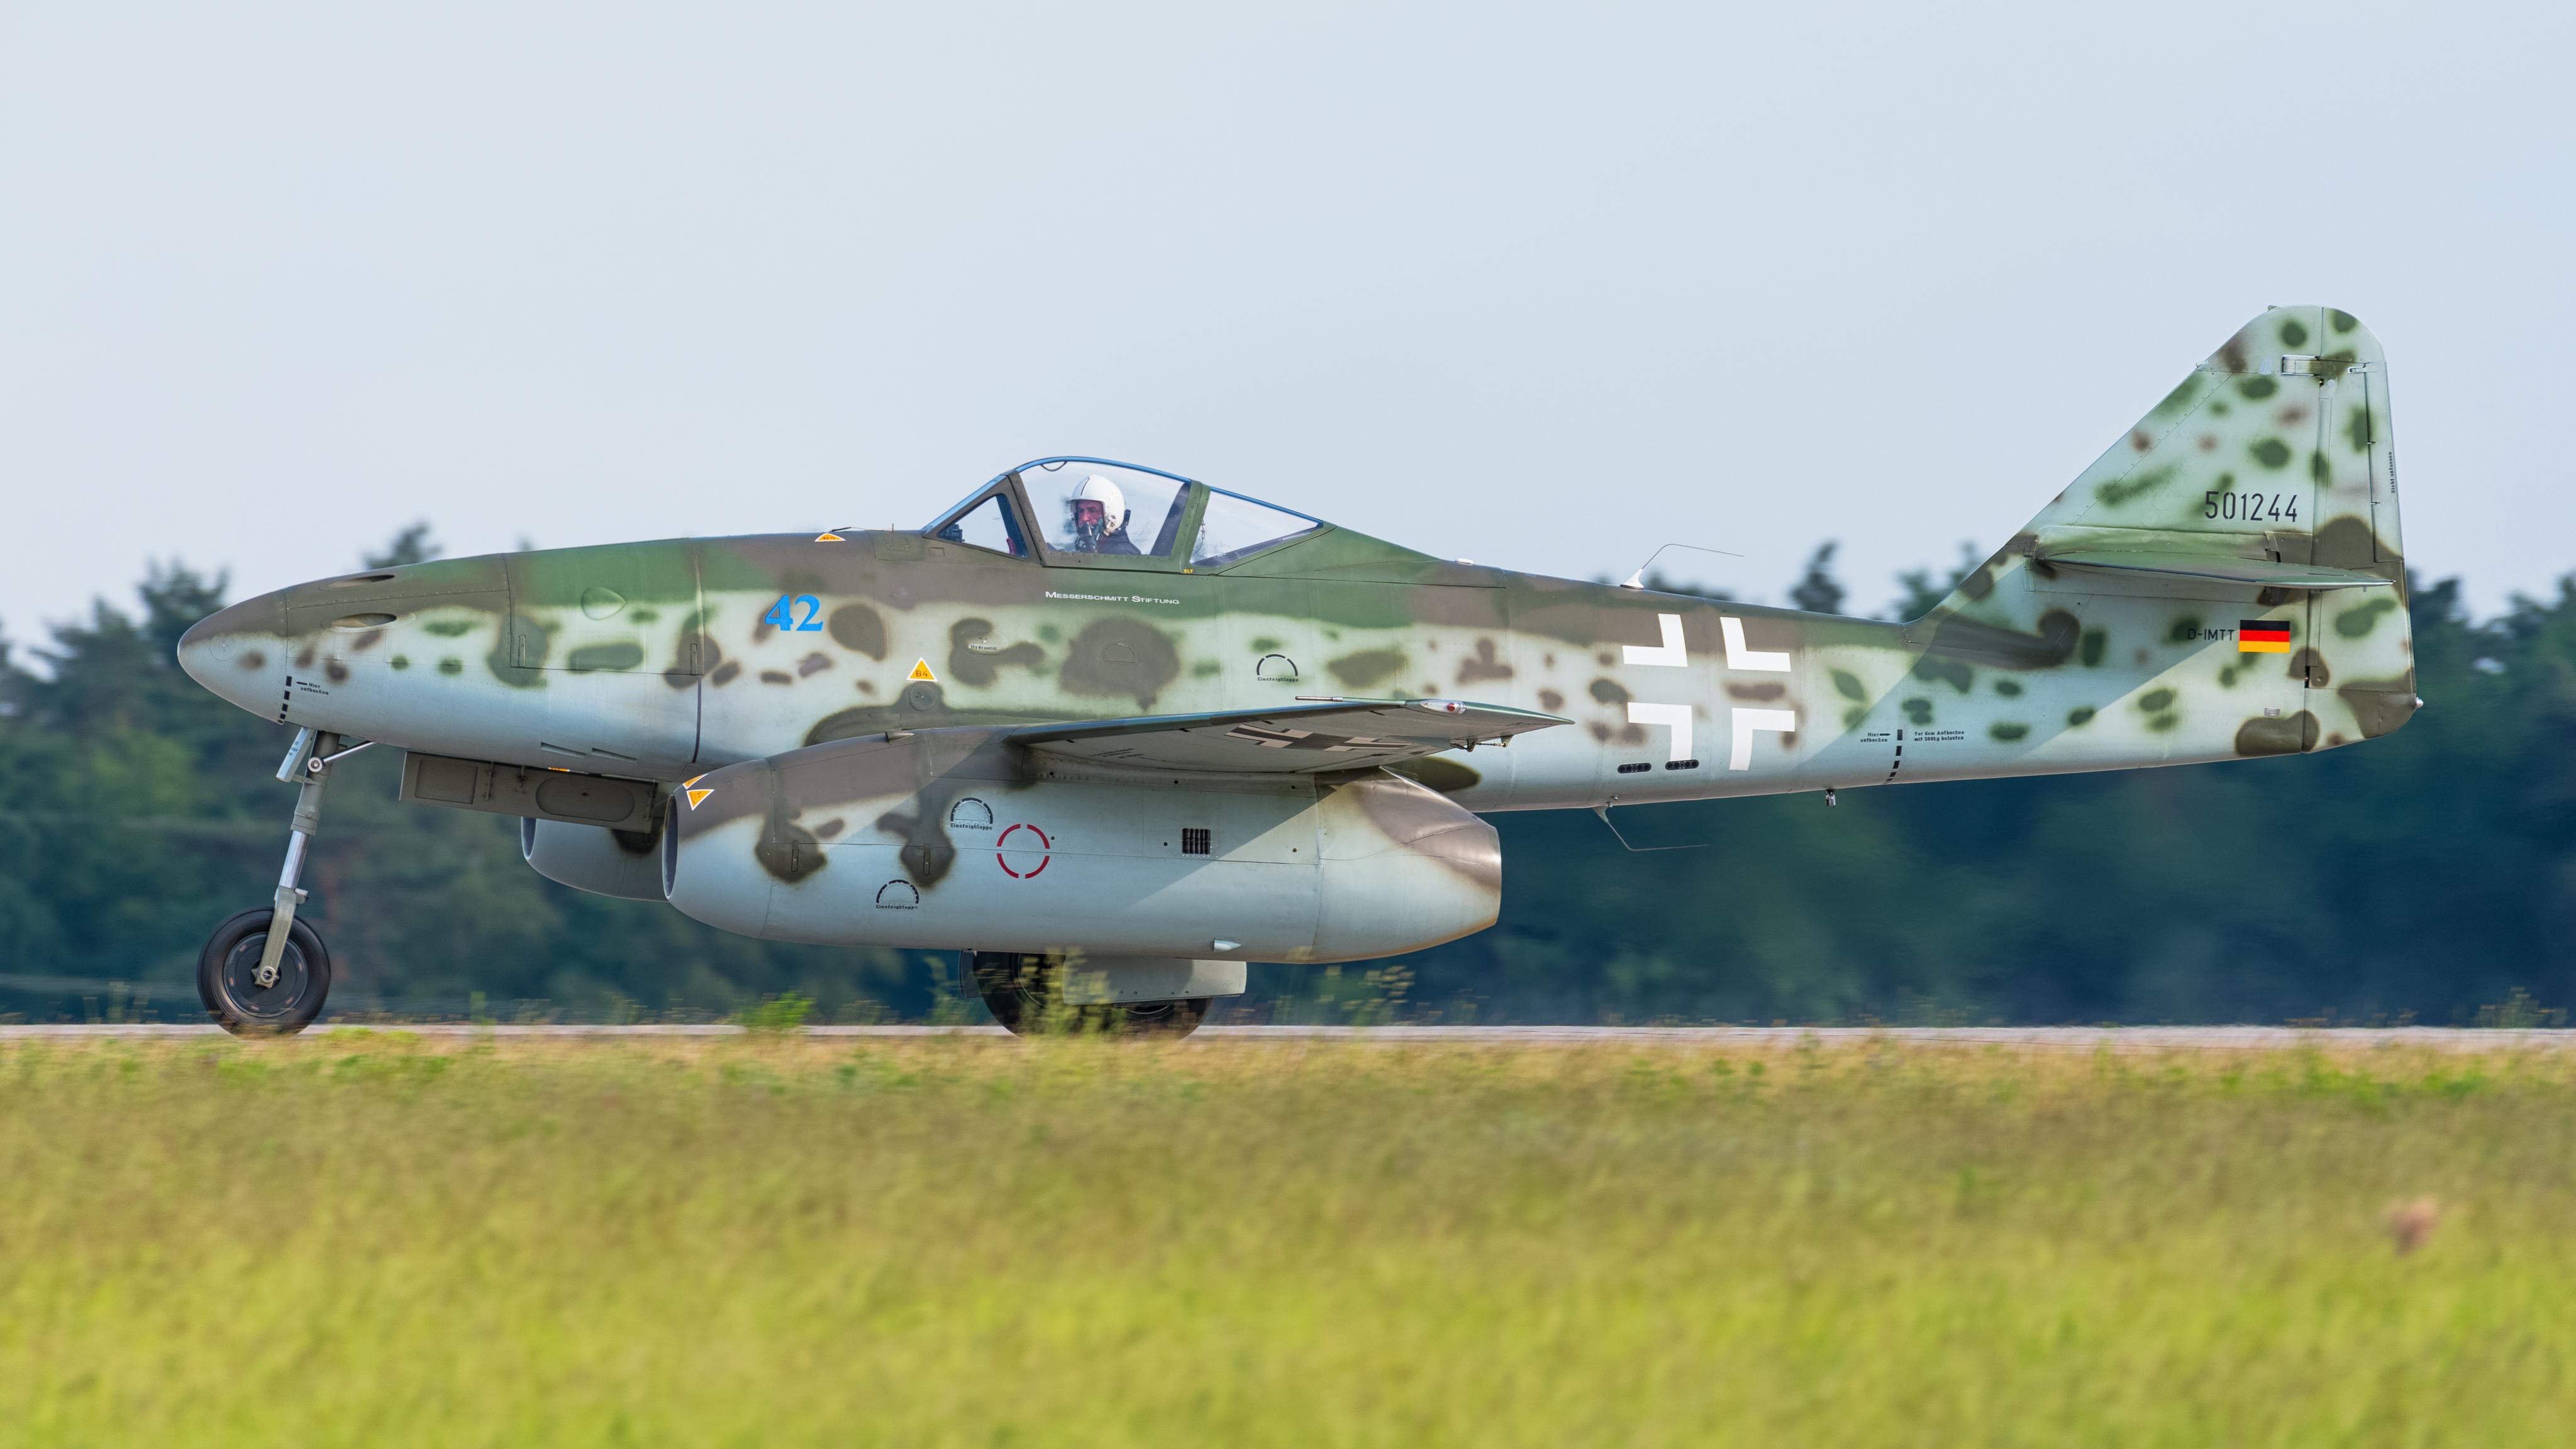 File:Messerschmitt Me 262 B1-A D-IMTT 501244 replica ILA Berlin 2016